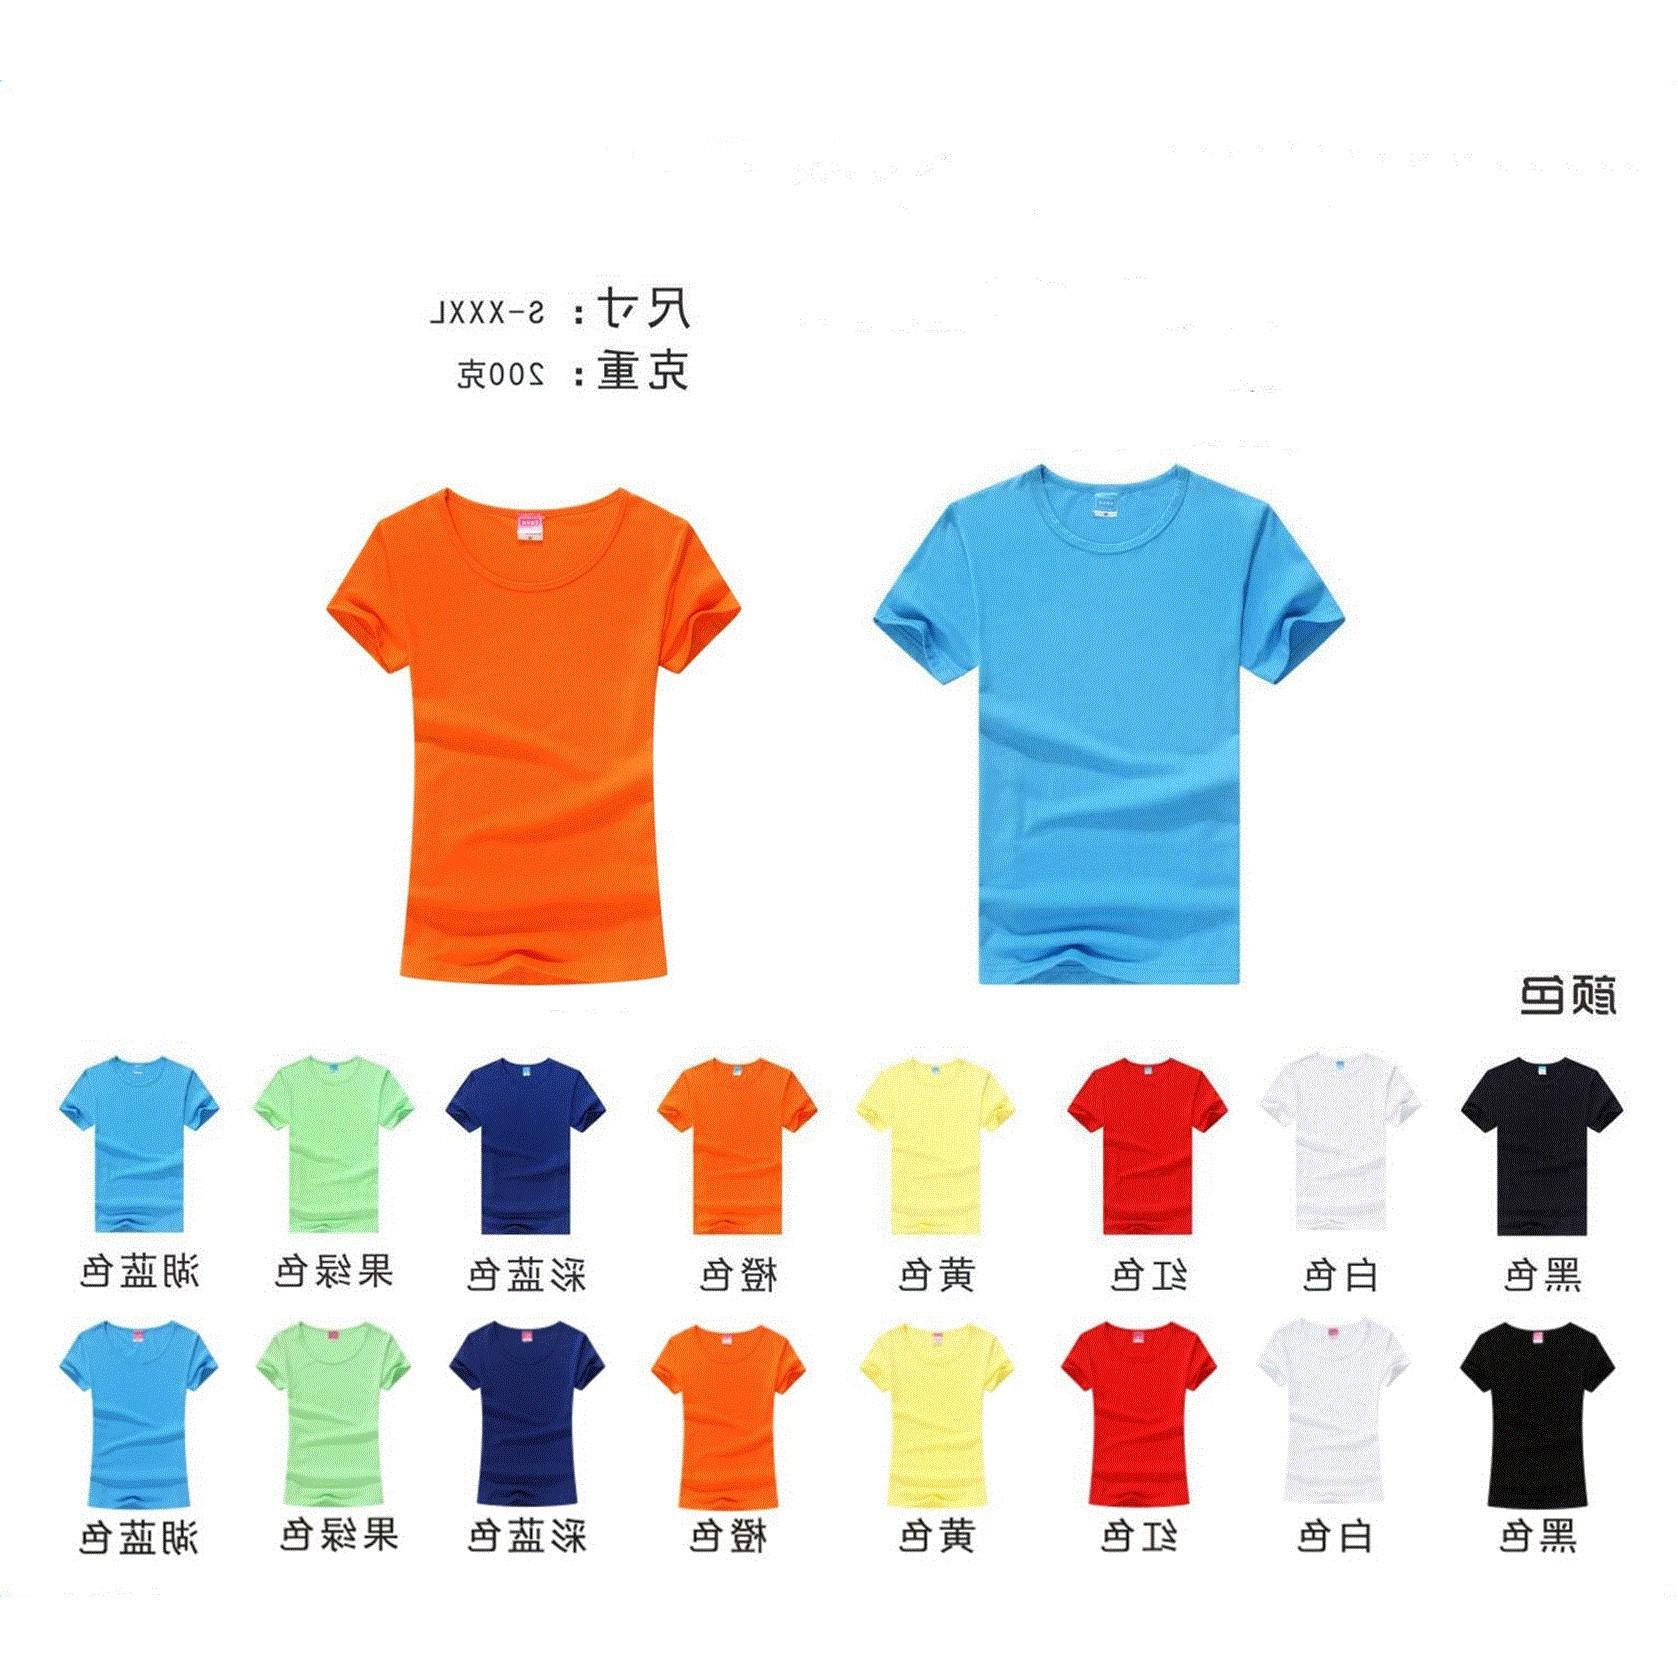 新品T恤工作服个性班服定做LOGO短袖印字来图订制文化衫体��团体